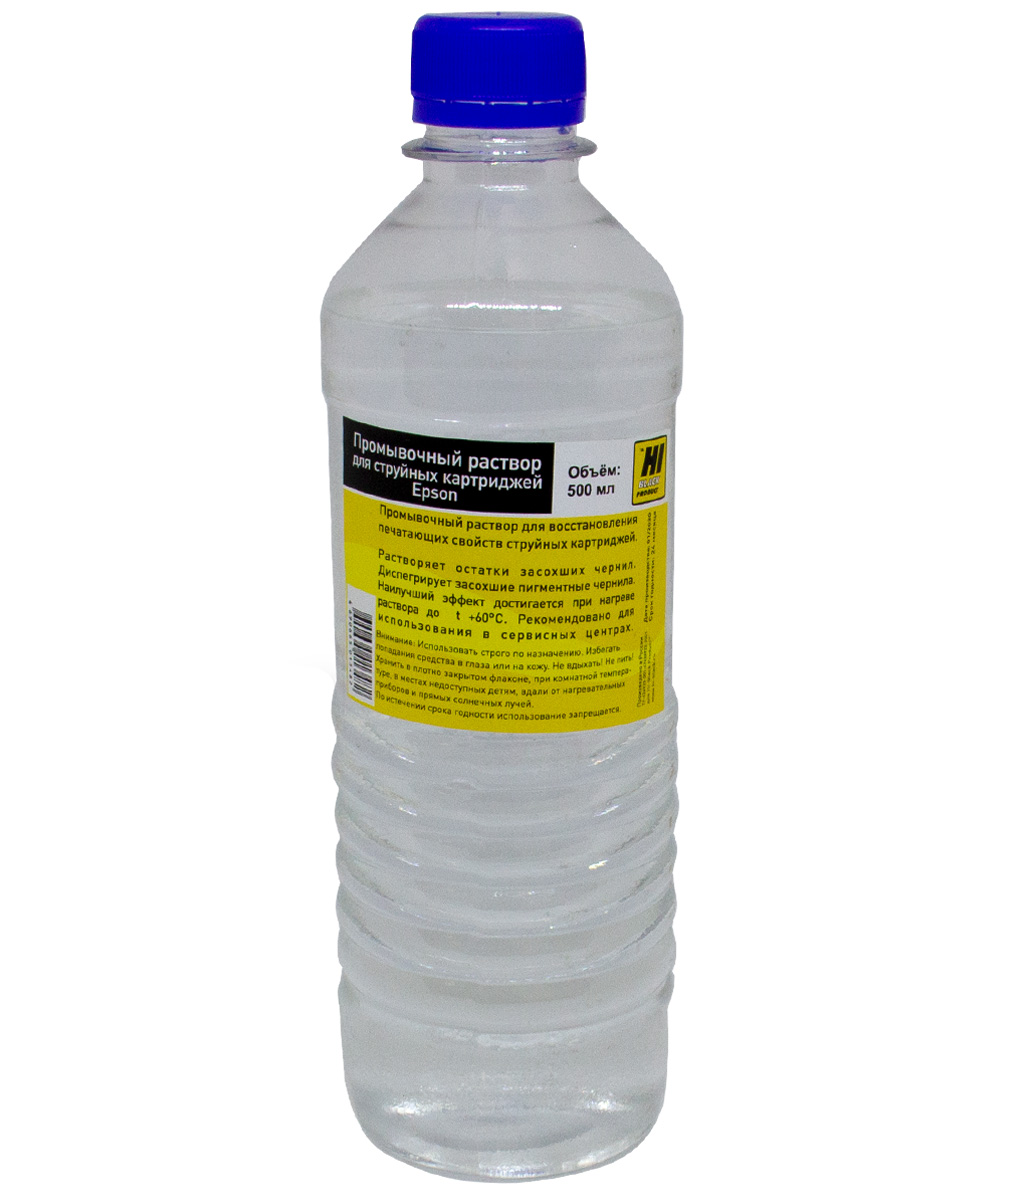 Промывочная жидкость Hi-Black для струйных картриджей Epson, 500 мл.